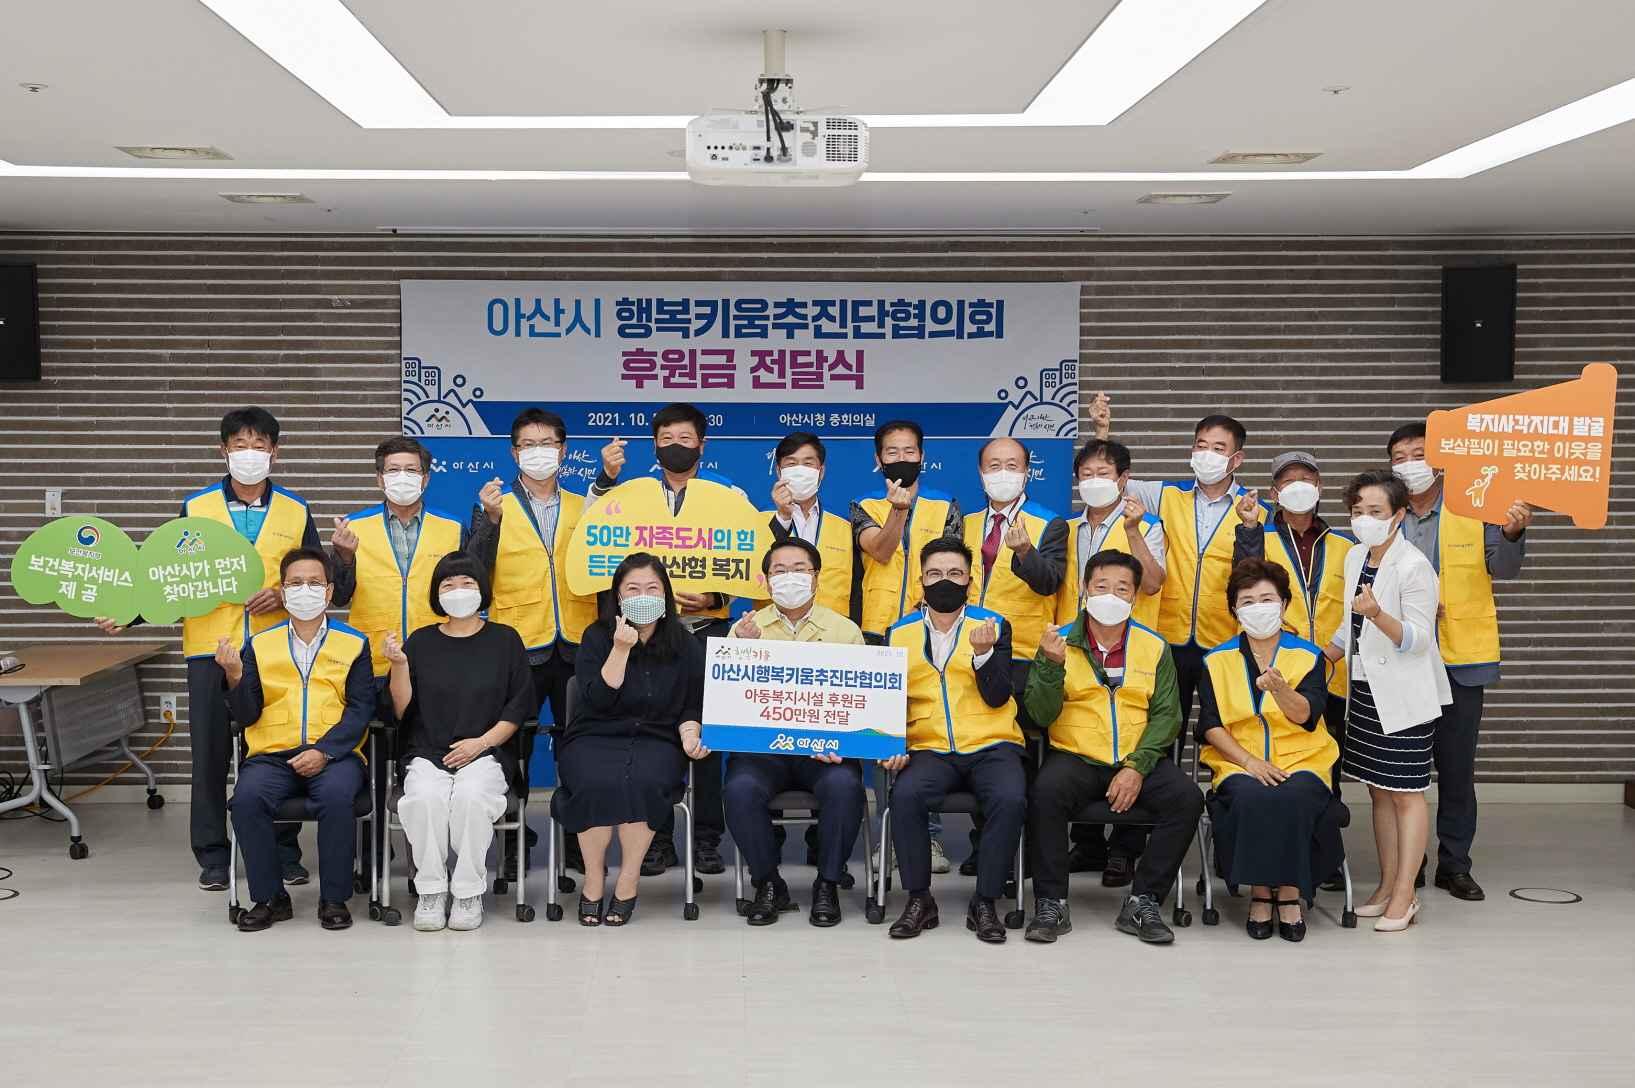 아산시행복키움추진단협의회, 아산시 아동복지시설에 450만원 전달 관련사진